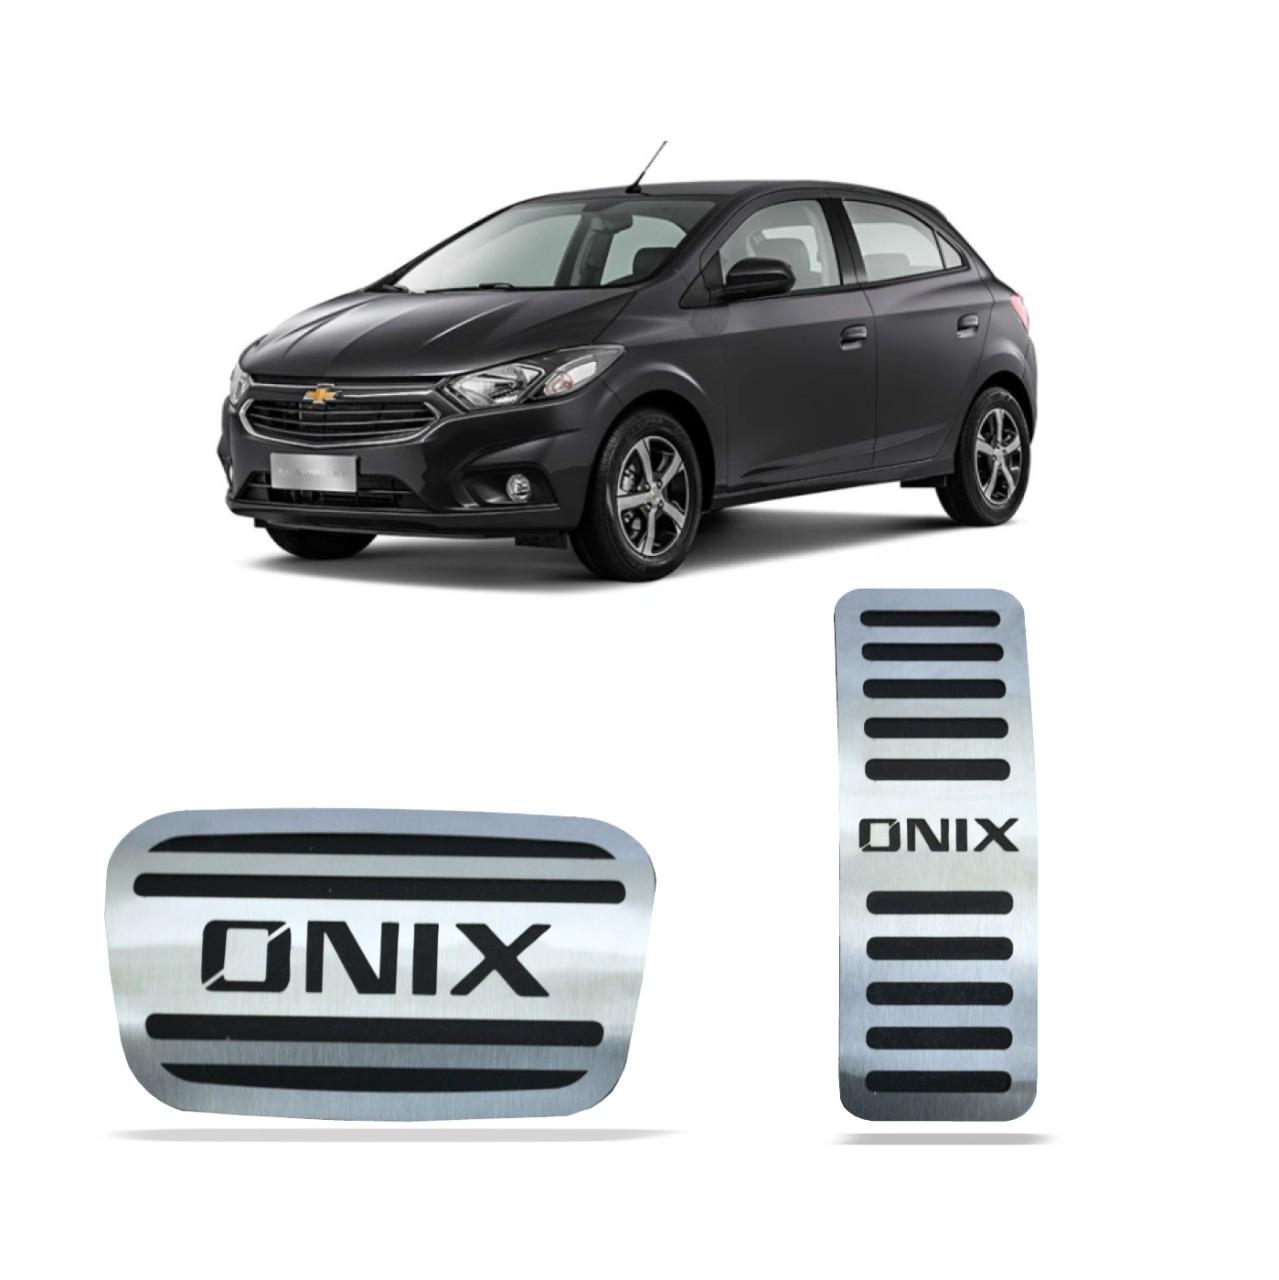 Pedaleira para Onix Automático em Aço Inox